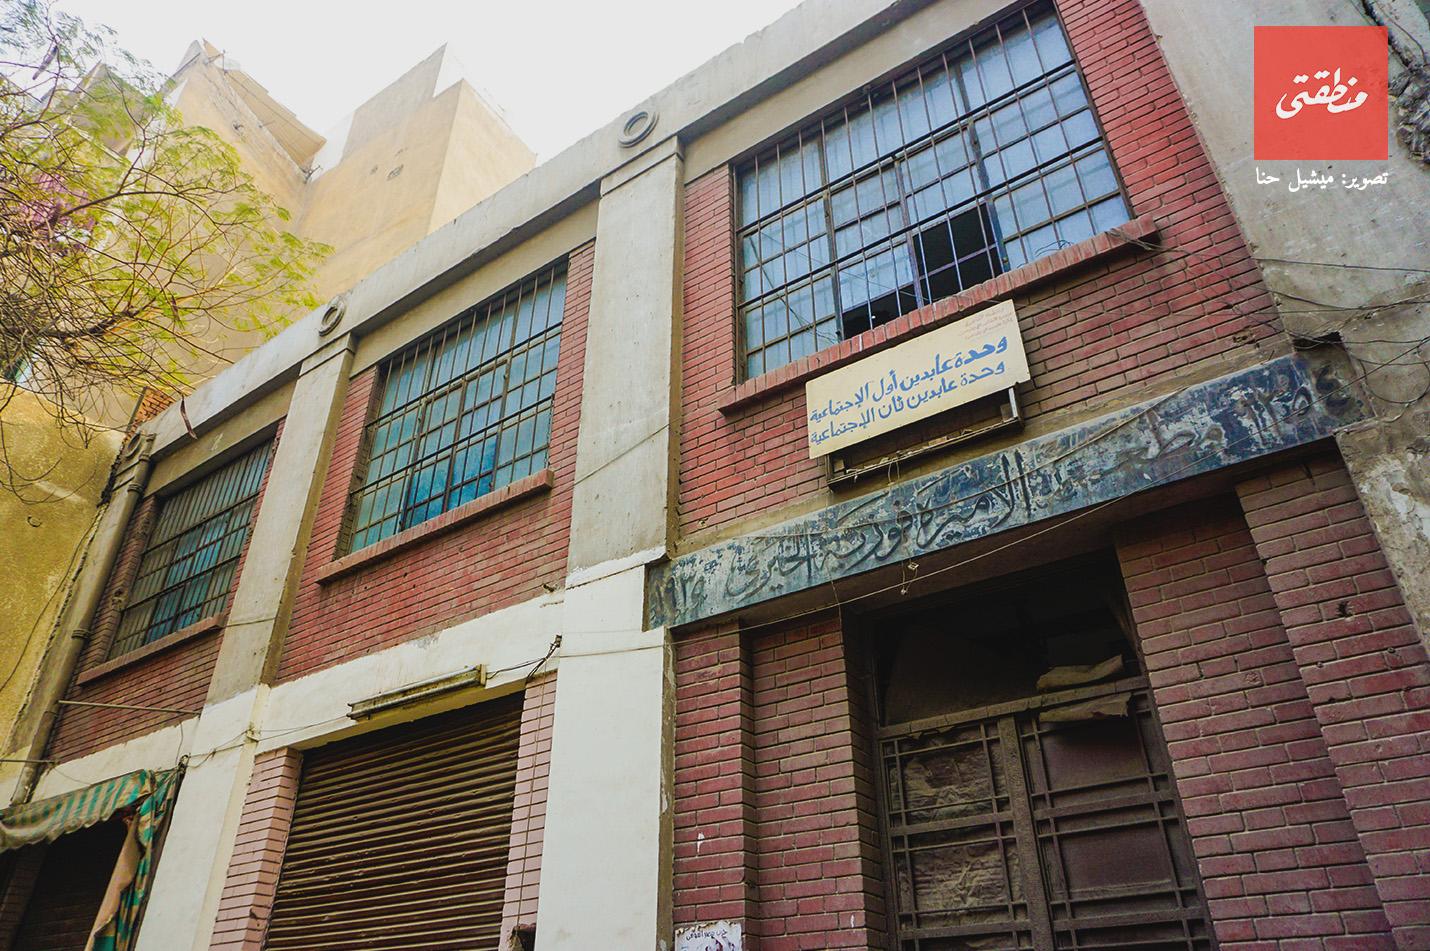 مطعم الأميرة فوزية بحي عابدين - تصوير ميشيل حنا